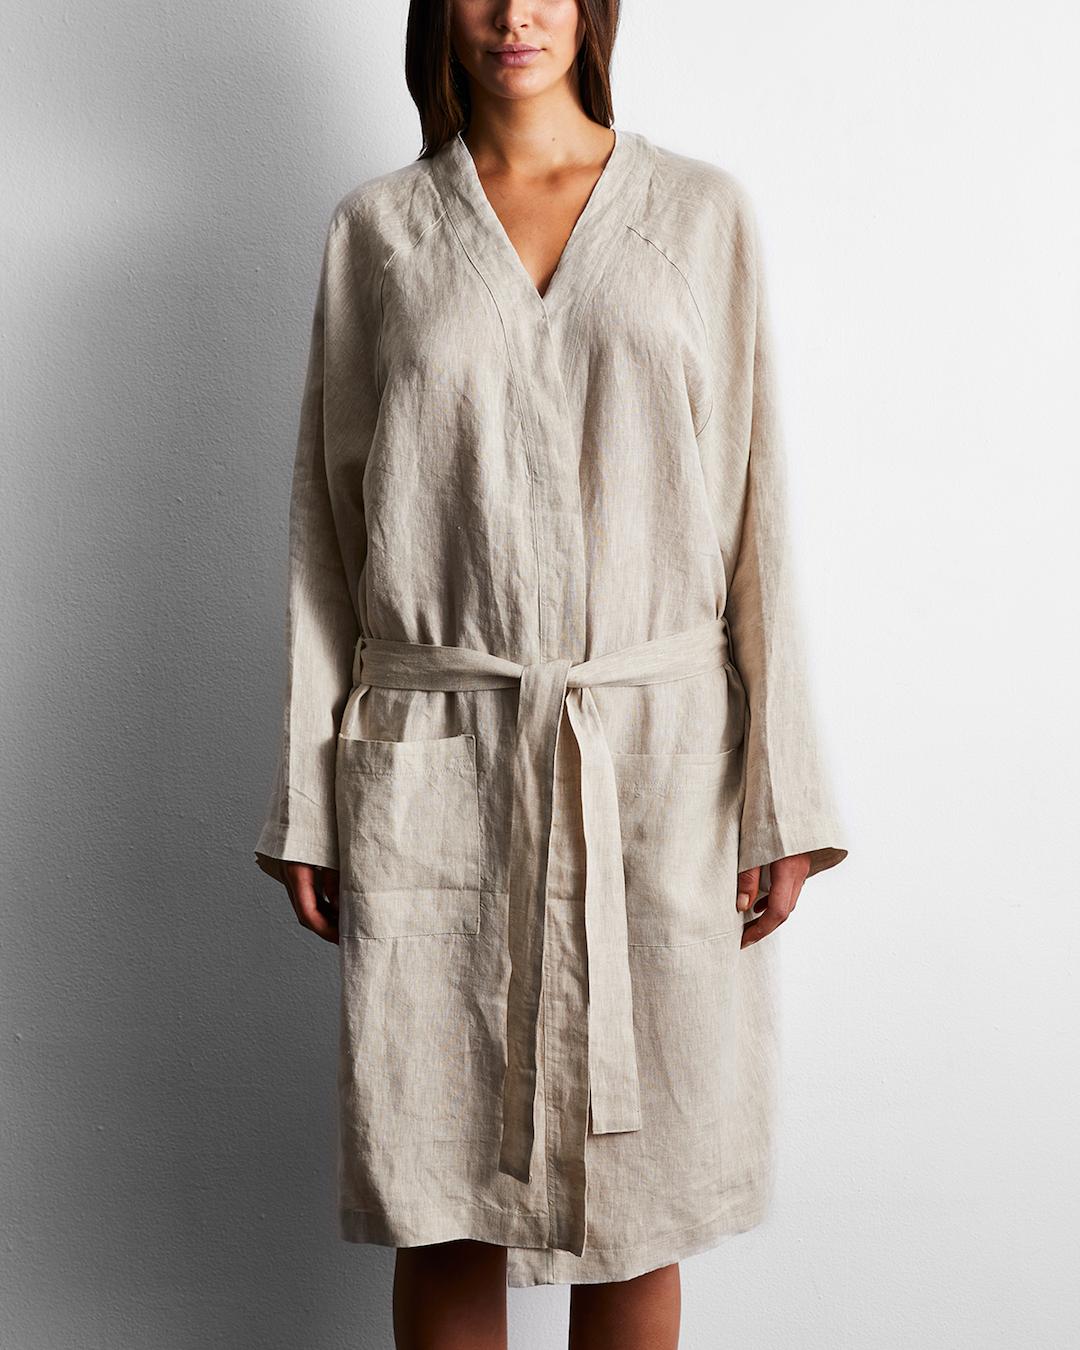 A woman wears a linen oatmeal robe.